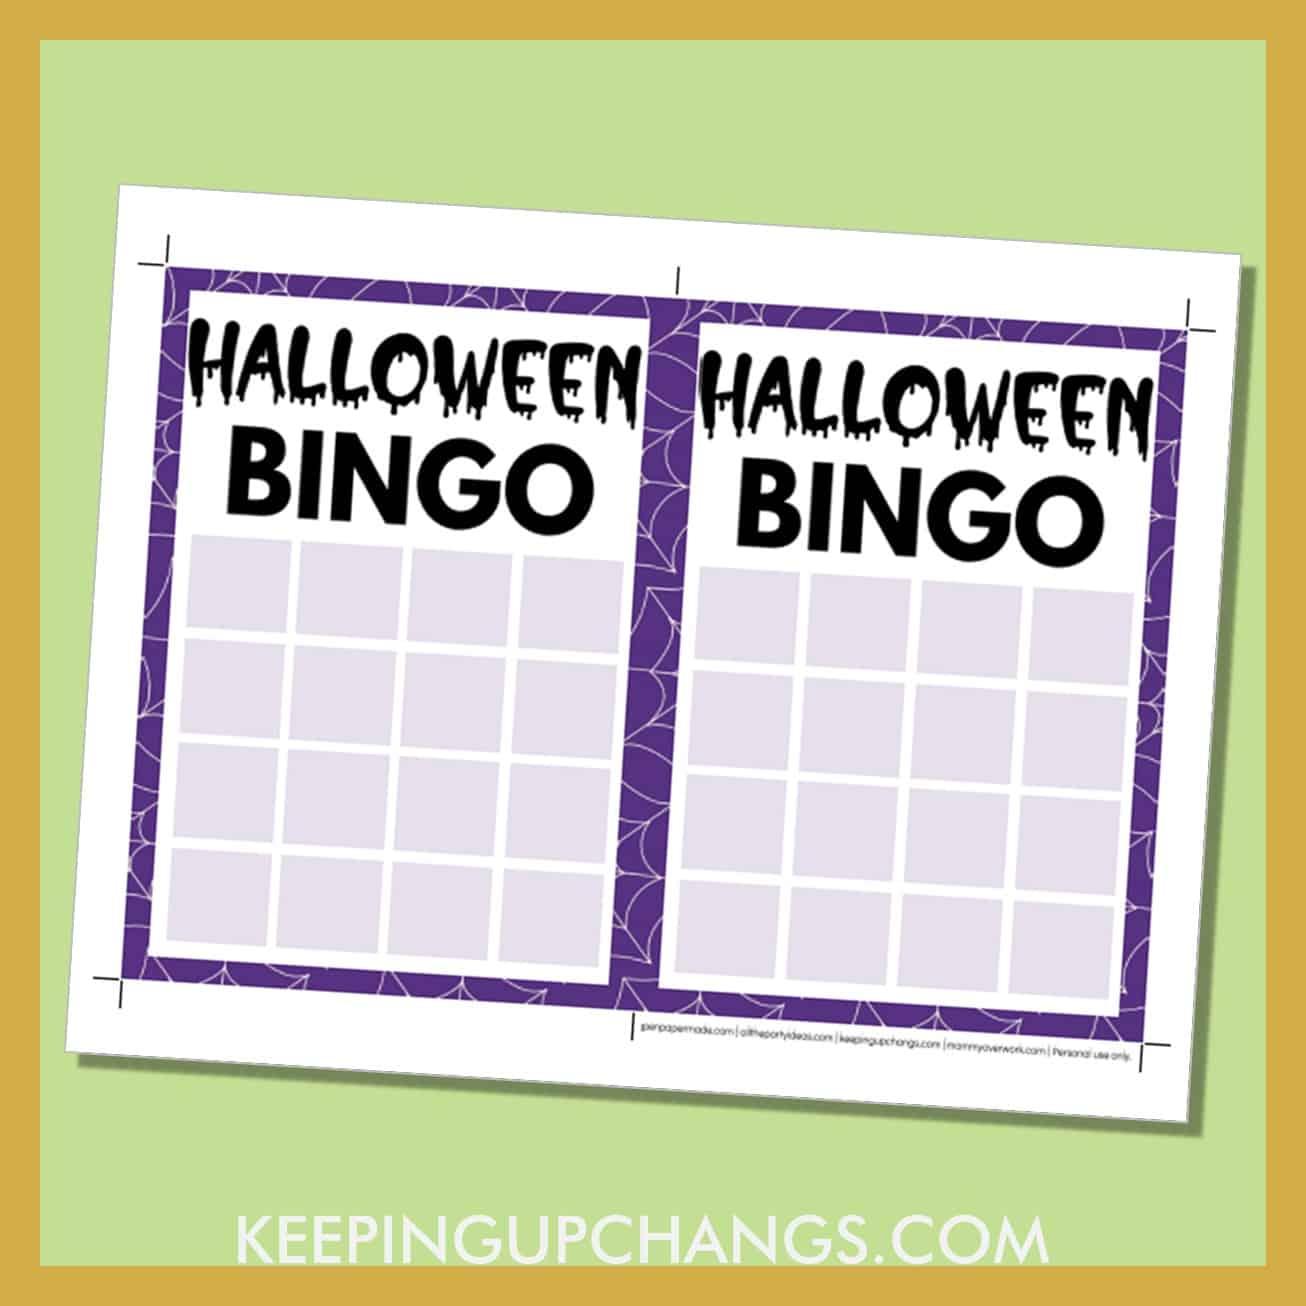 free halloween bingo 4x4 grid game board blank template.